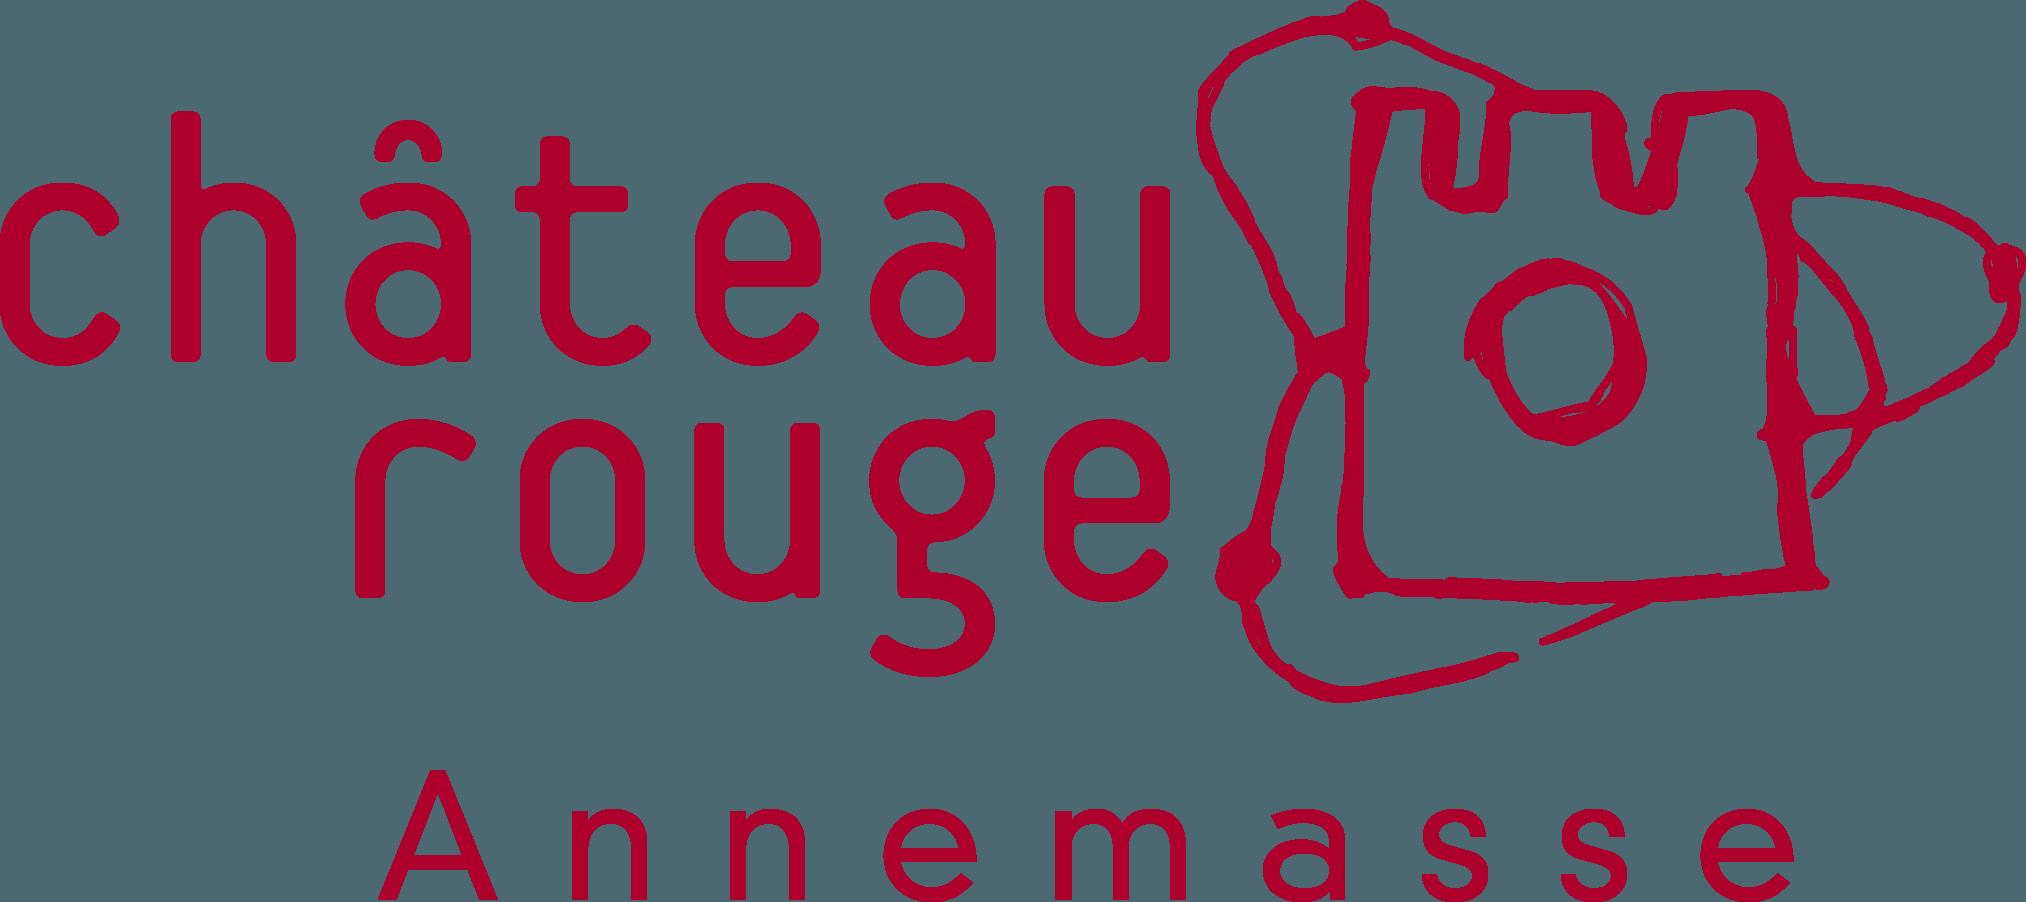 www.chateau-rouge.net/